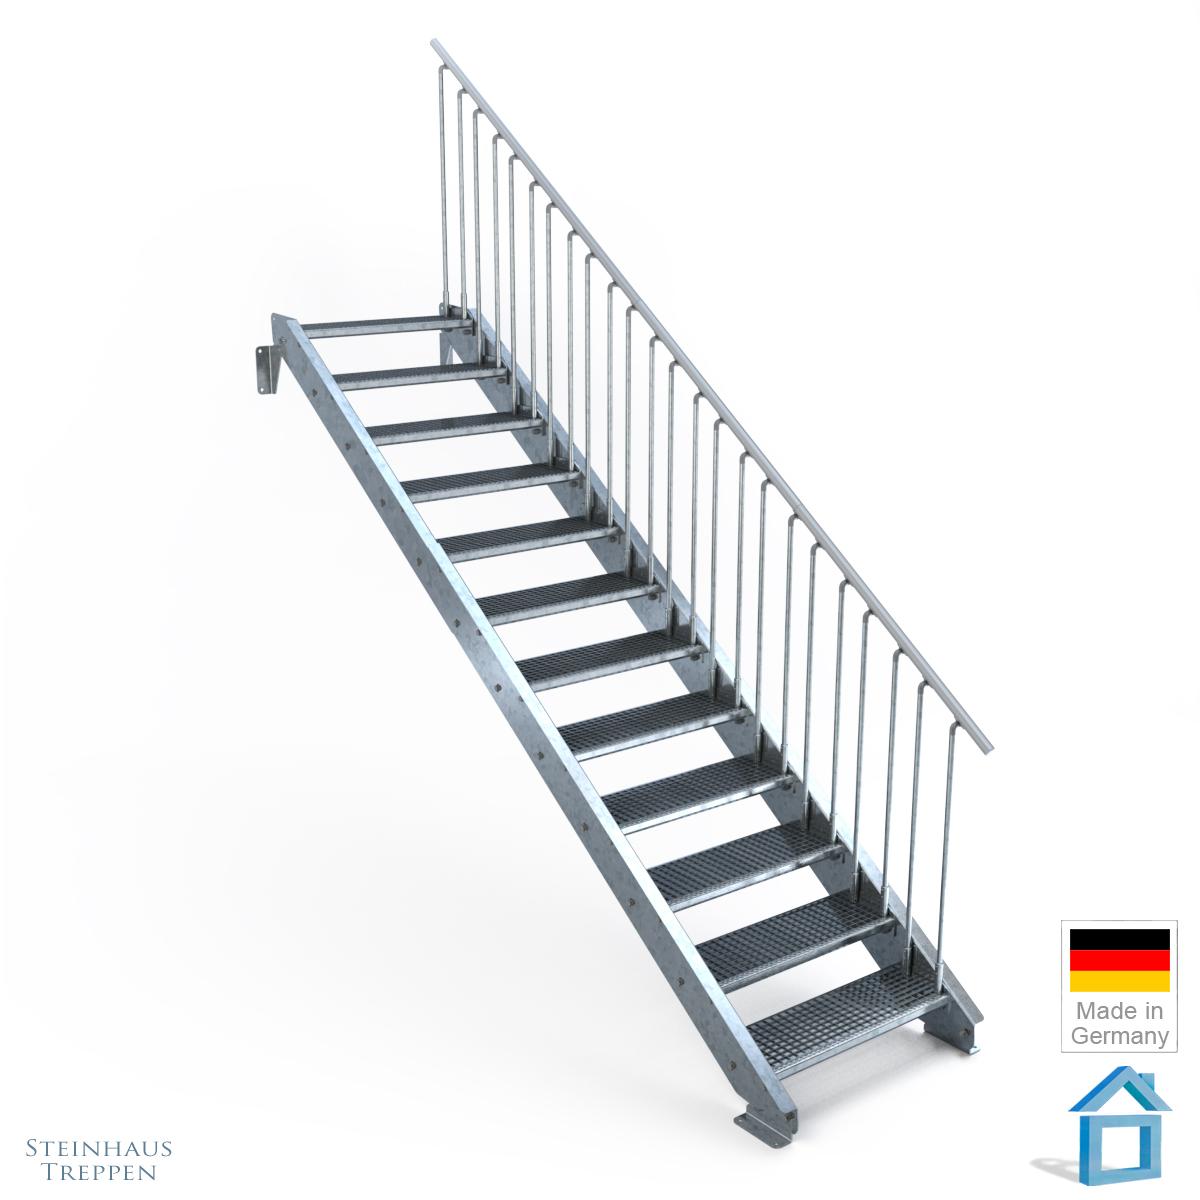 stahltreppe feuerverzinkt mit 12 stufen mit gitterrost 80 cm breite treppe steinhaus treppen. Black Bedroom Furniture Sets. Home Design Ideas